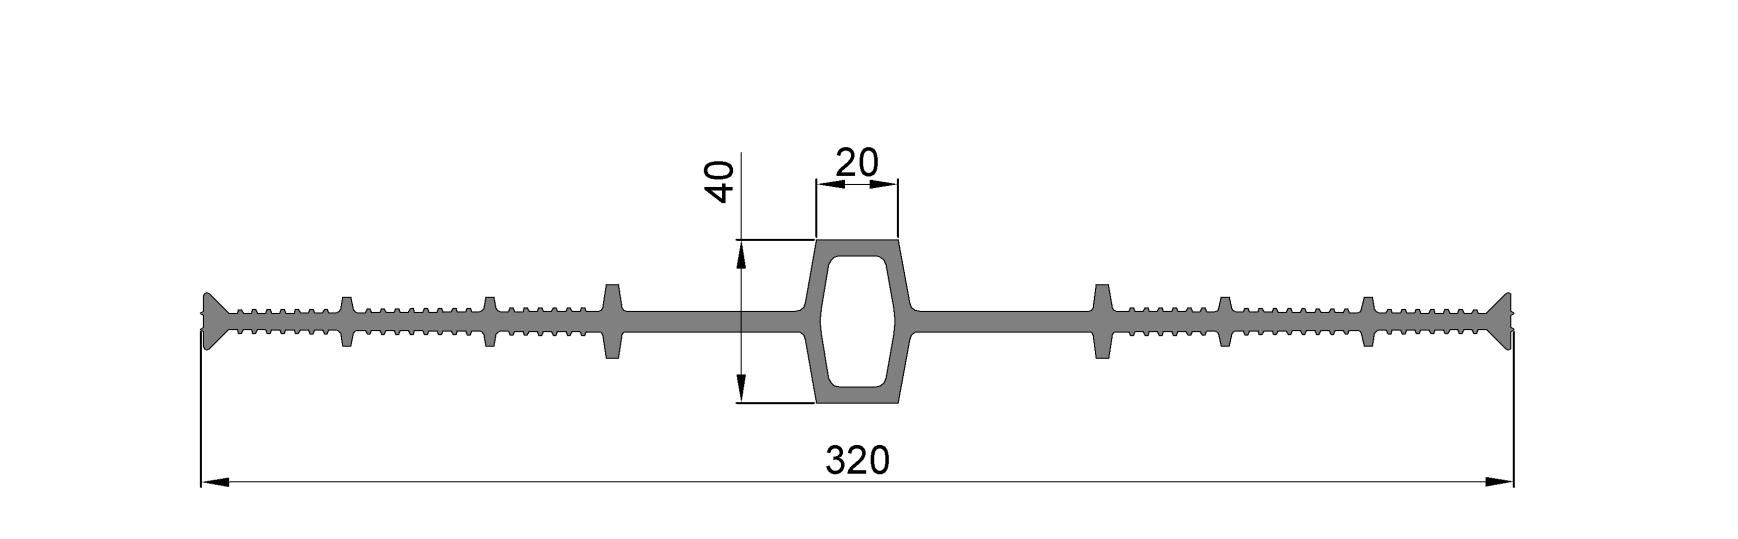 ЦД320-20,ПВХ, ширина 320мм, шов 20мм